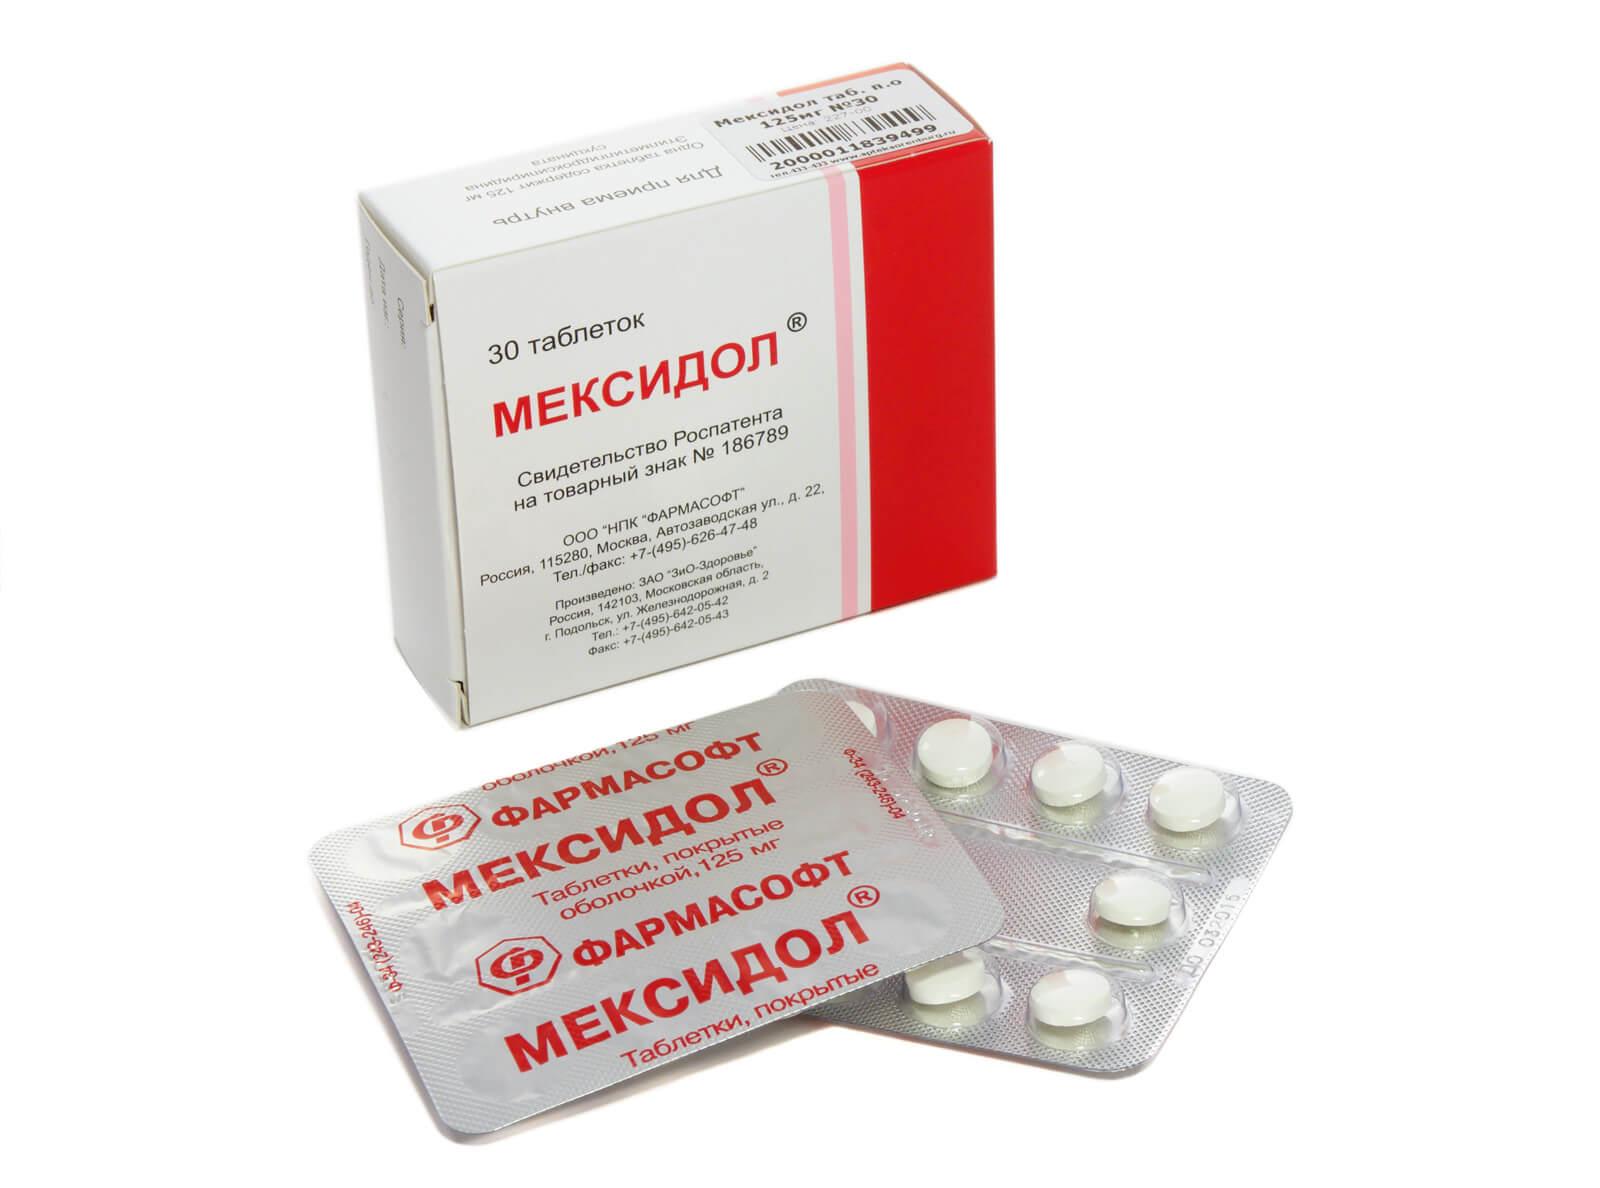 Мексидол: показания к применению, дозировка, цена и аналоги препарата